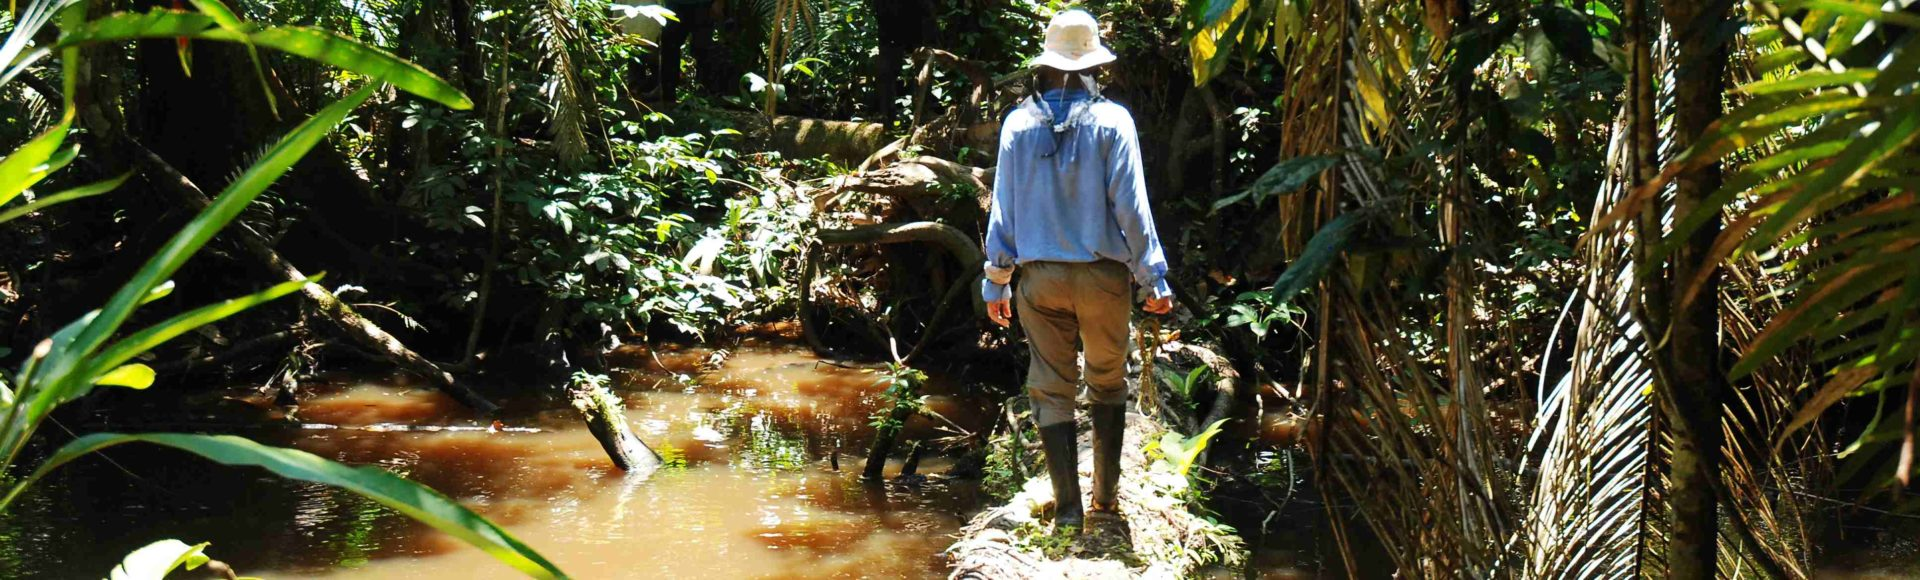 Wgłąb Dżungli Amazońskiej: PN Pacaya-Samira.